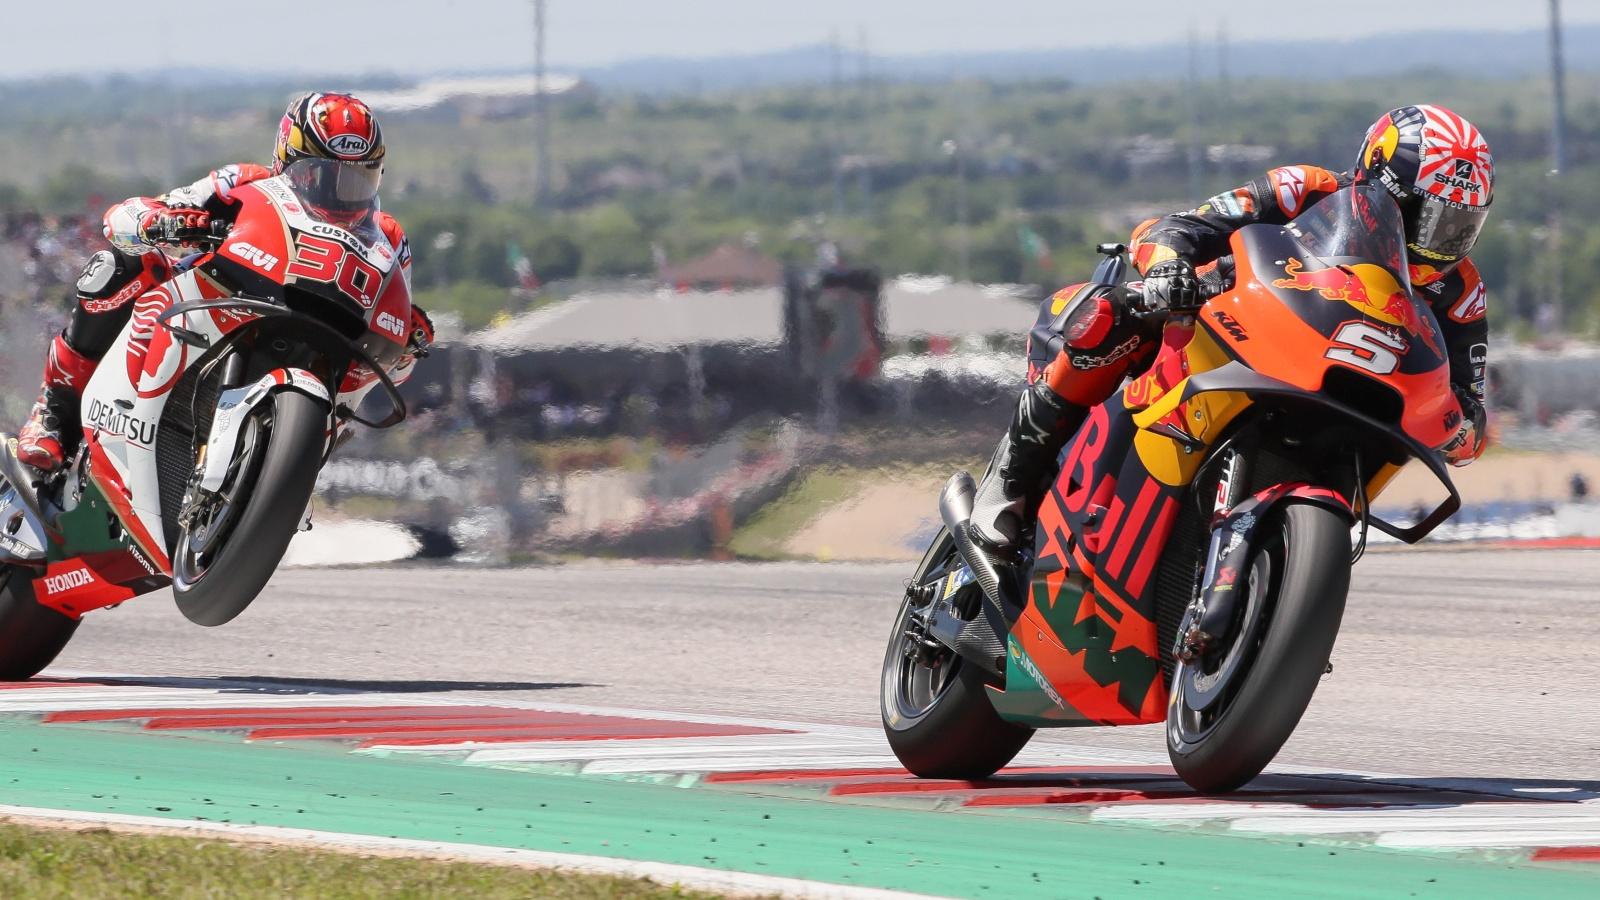 Johann Zarco correrá las tres últimas carreras de MotoGP 2019 con la Honda del LCR